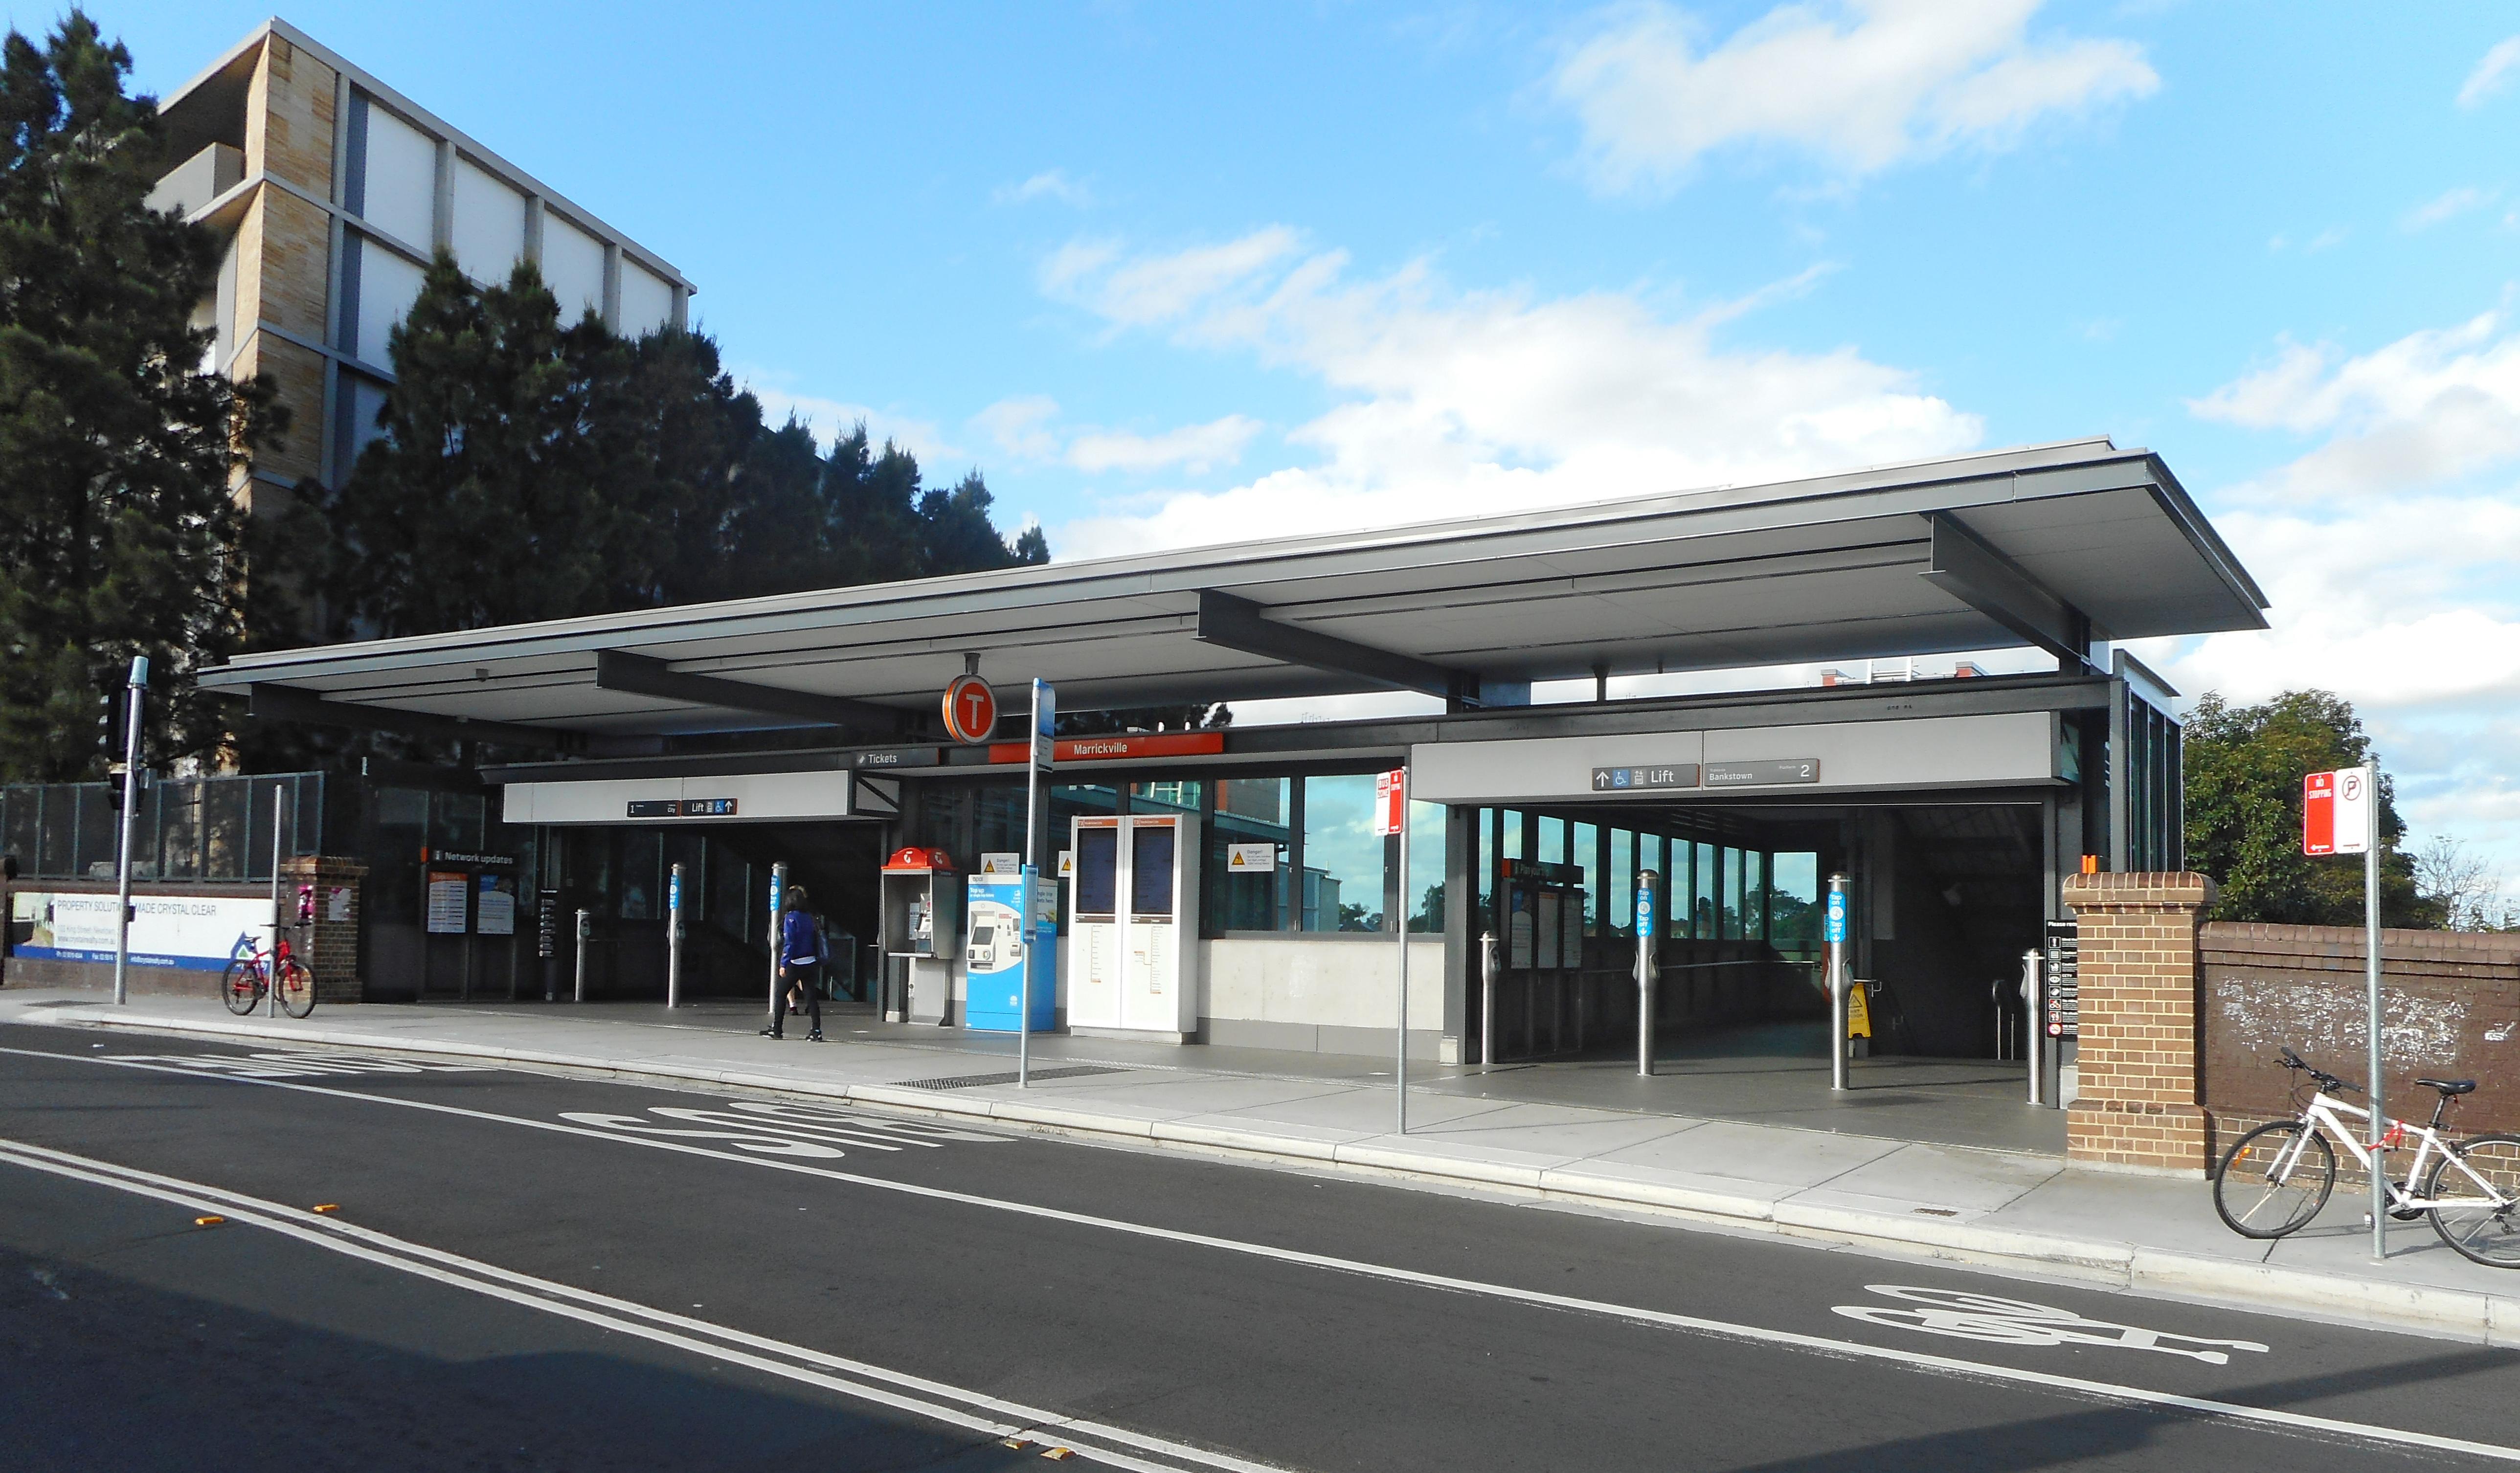 Marrickville railway station - Wikipedia